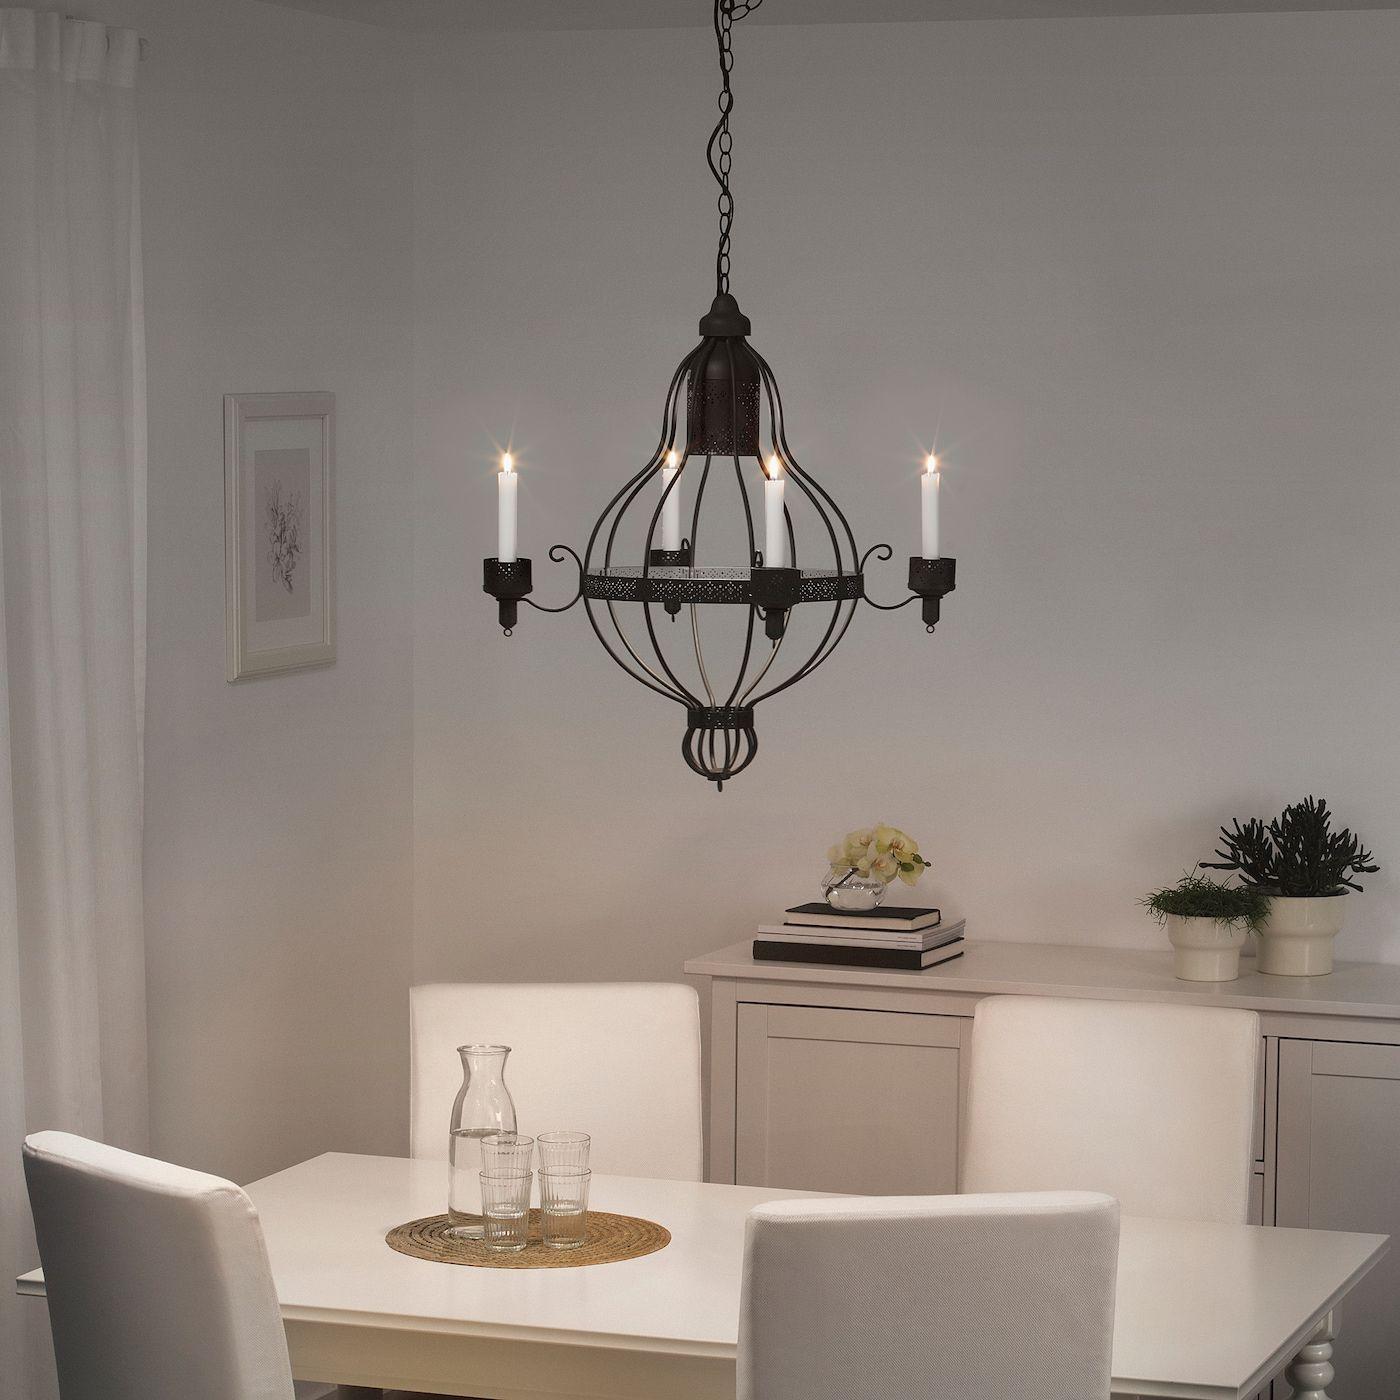 Landhausstil Kronleuchter Weiß Creme Floral 3 Arme Schlafzimmer Wohnzimmer Lampe